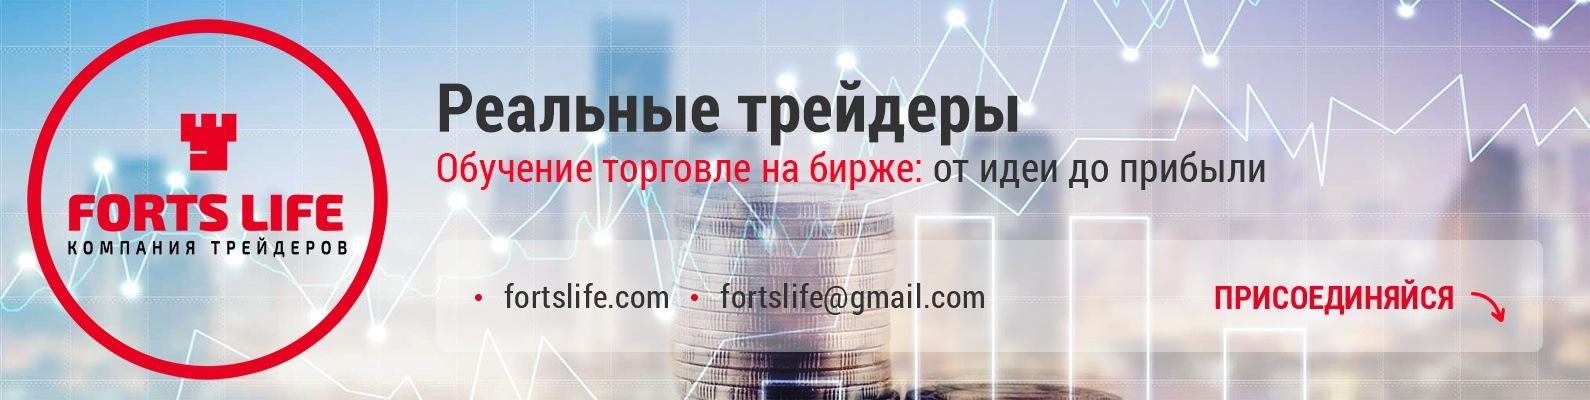 Обучение торговле на бирже казань программа бинарные опционы